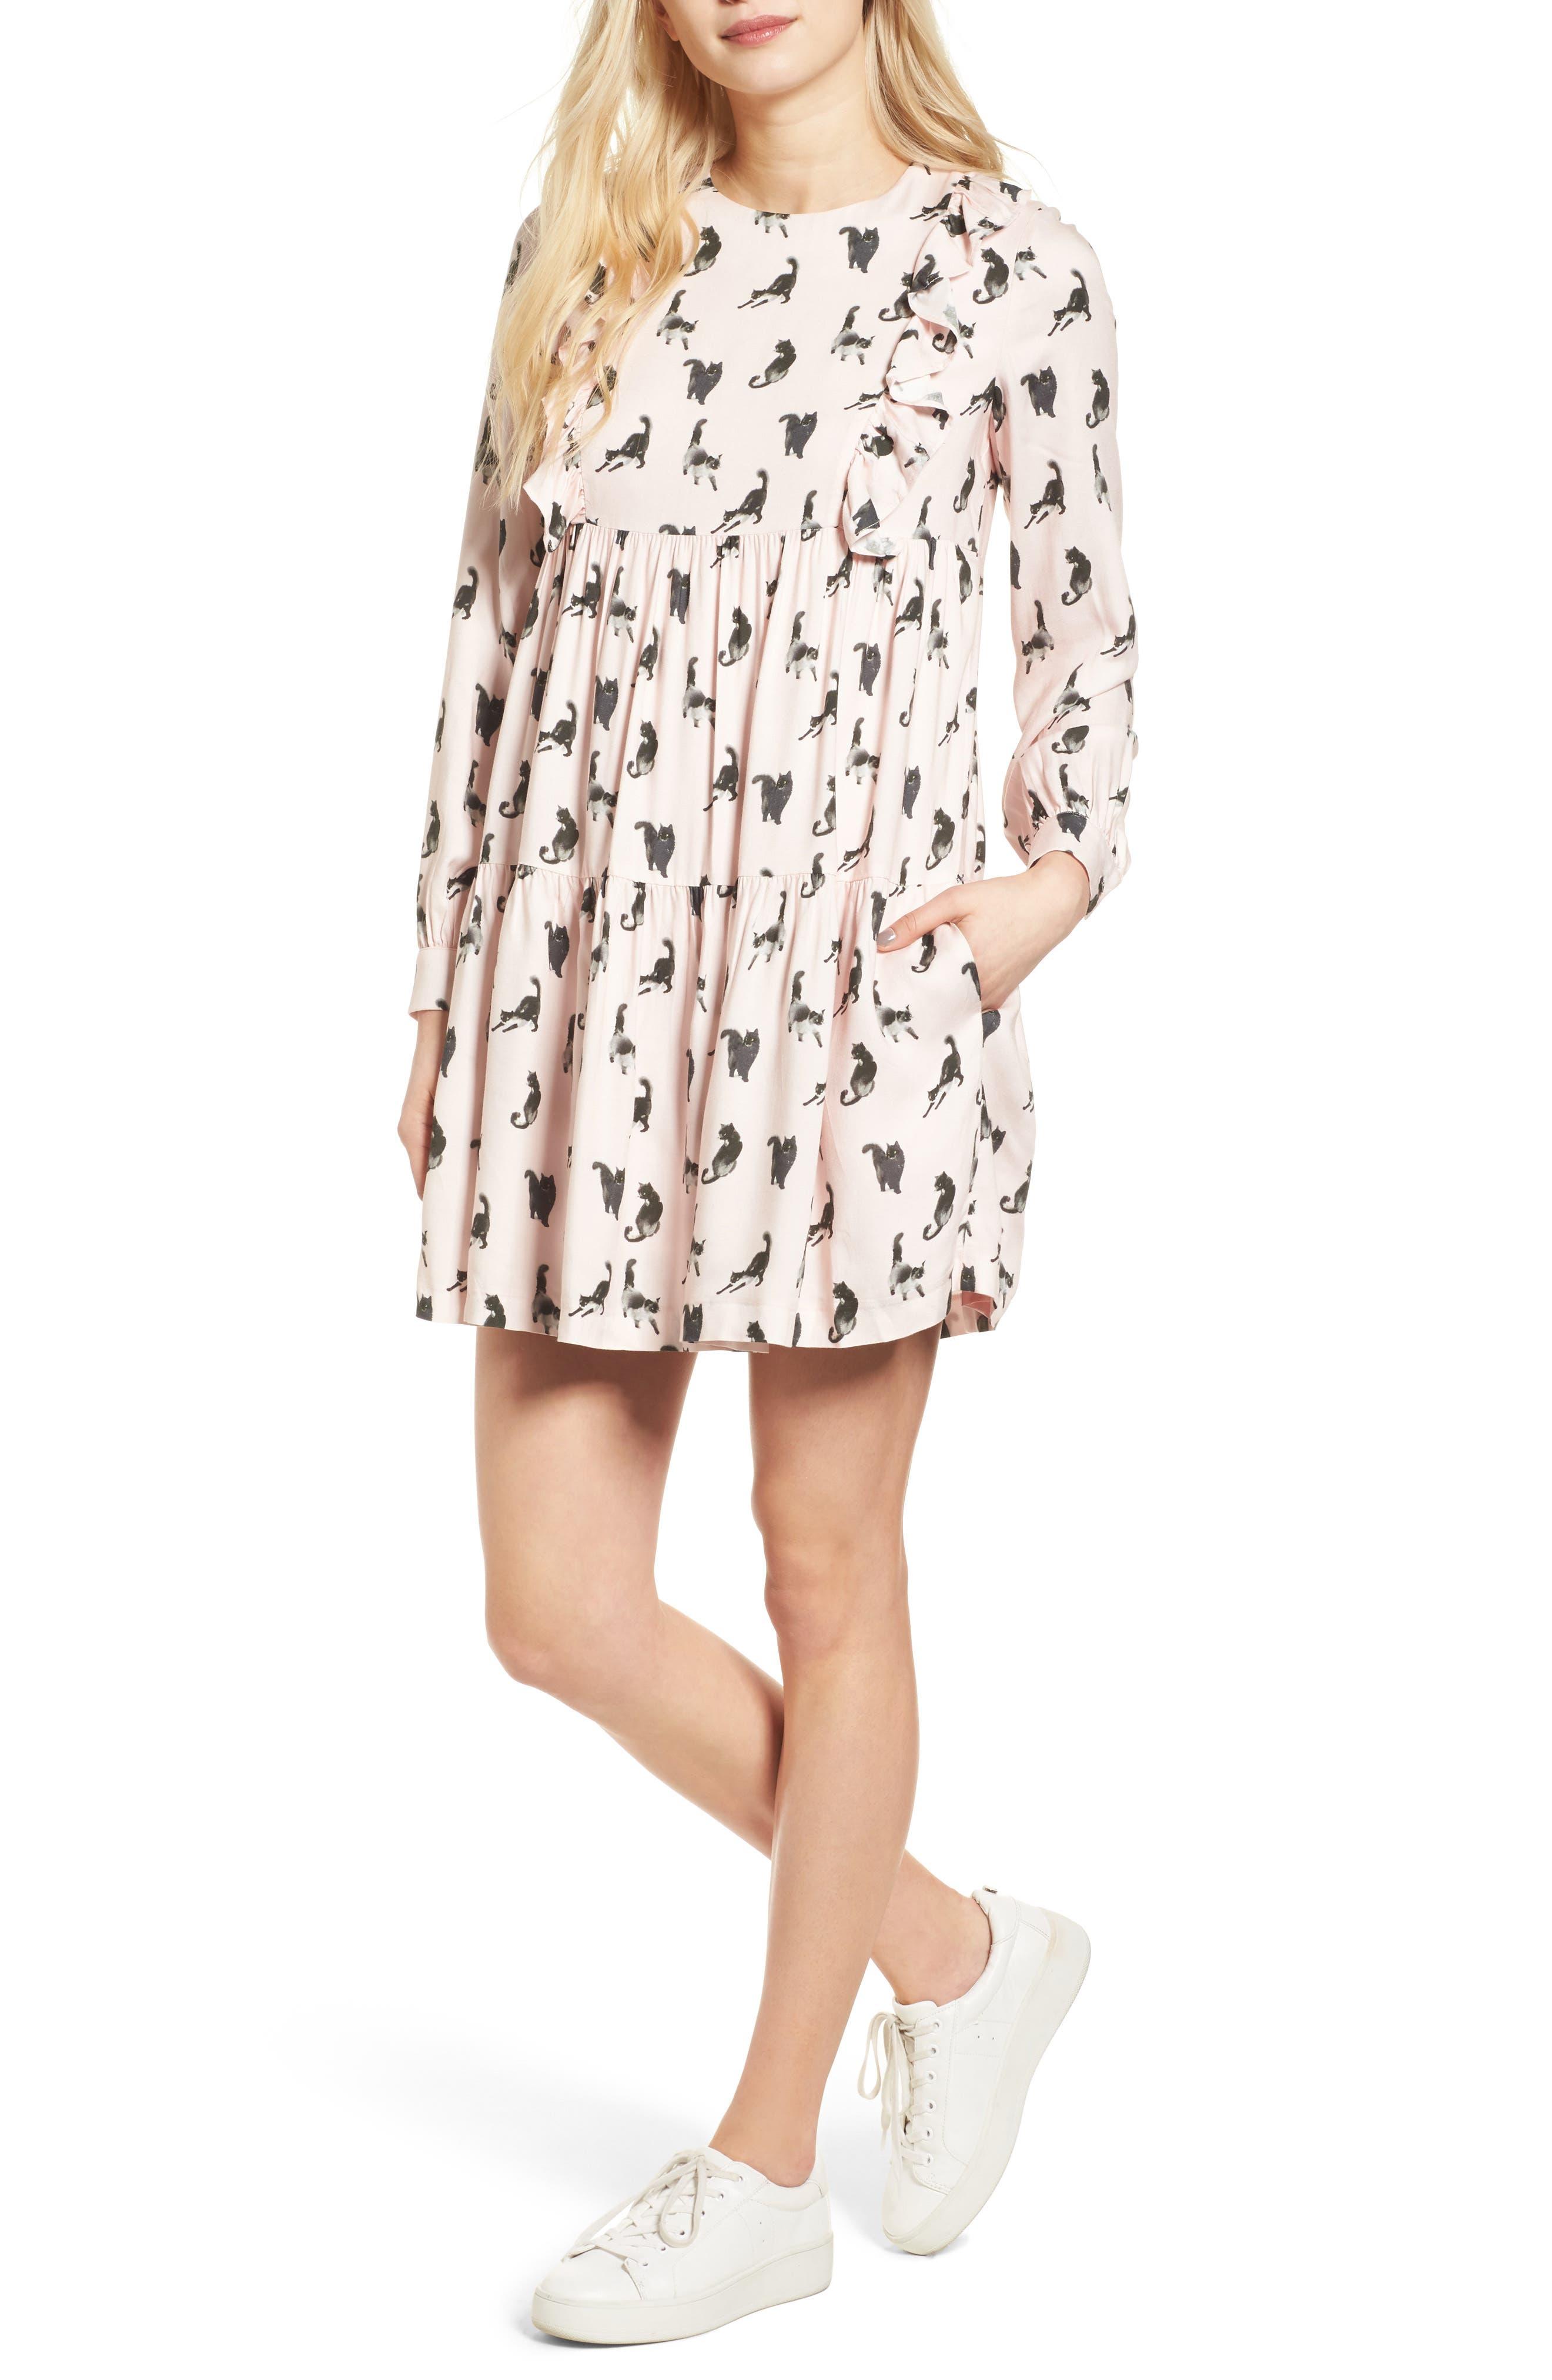 PAUL & JOE SISTER Babydoll Dress, Main, color, 650